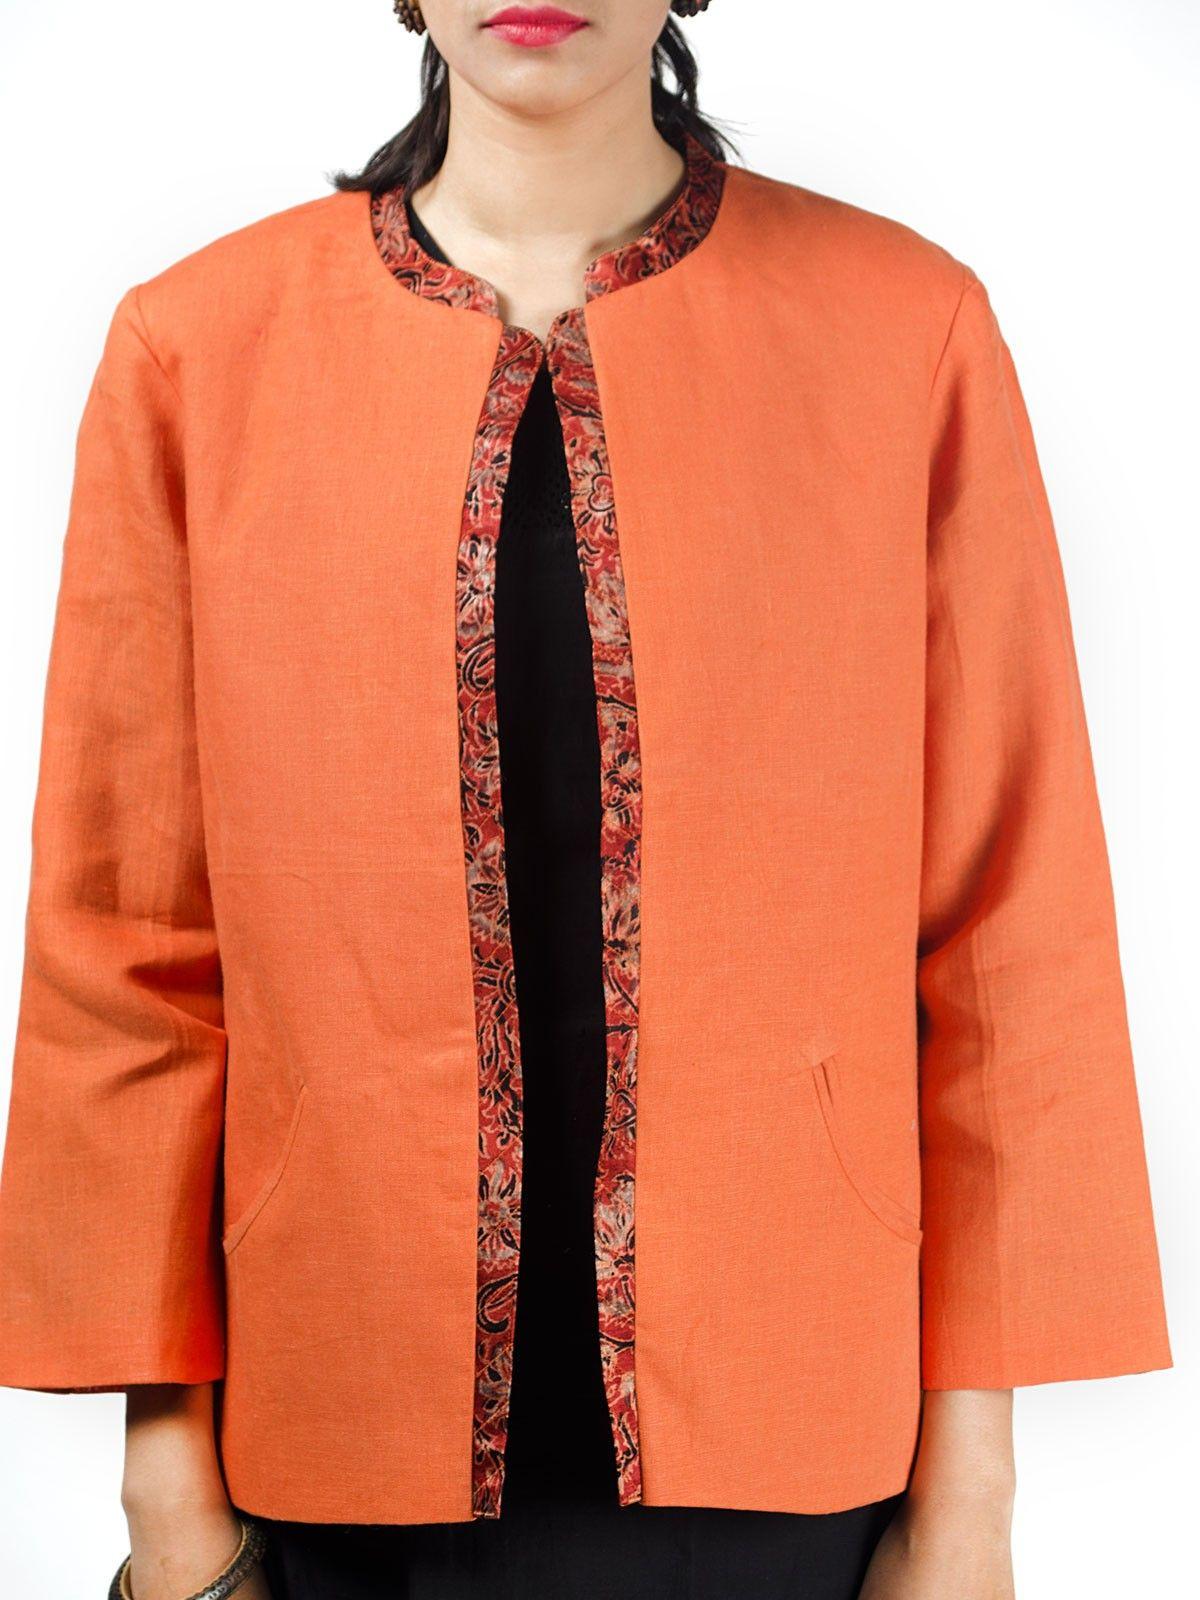 Orange linen full sleeves short winter jacket